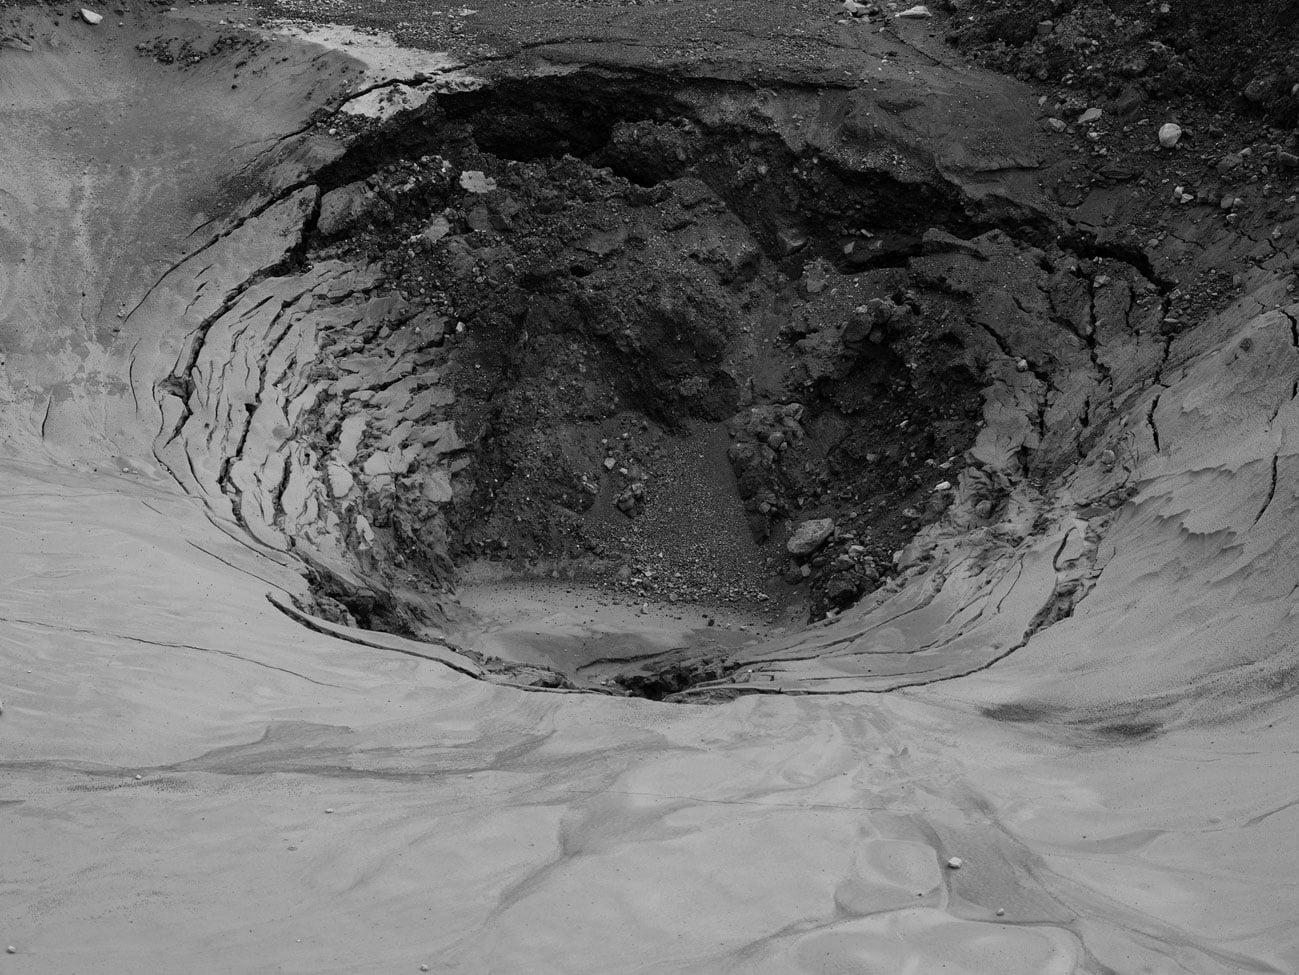 glacier_Iceland 020_31.5×42 copy 2